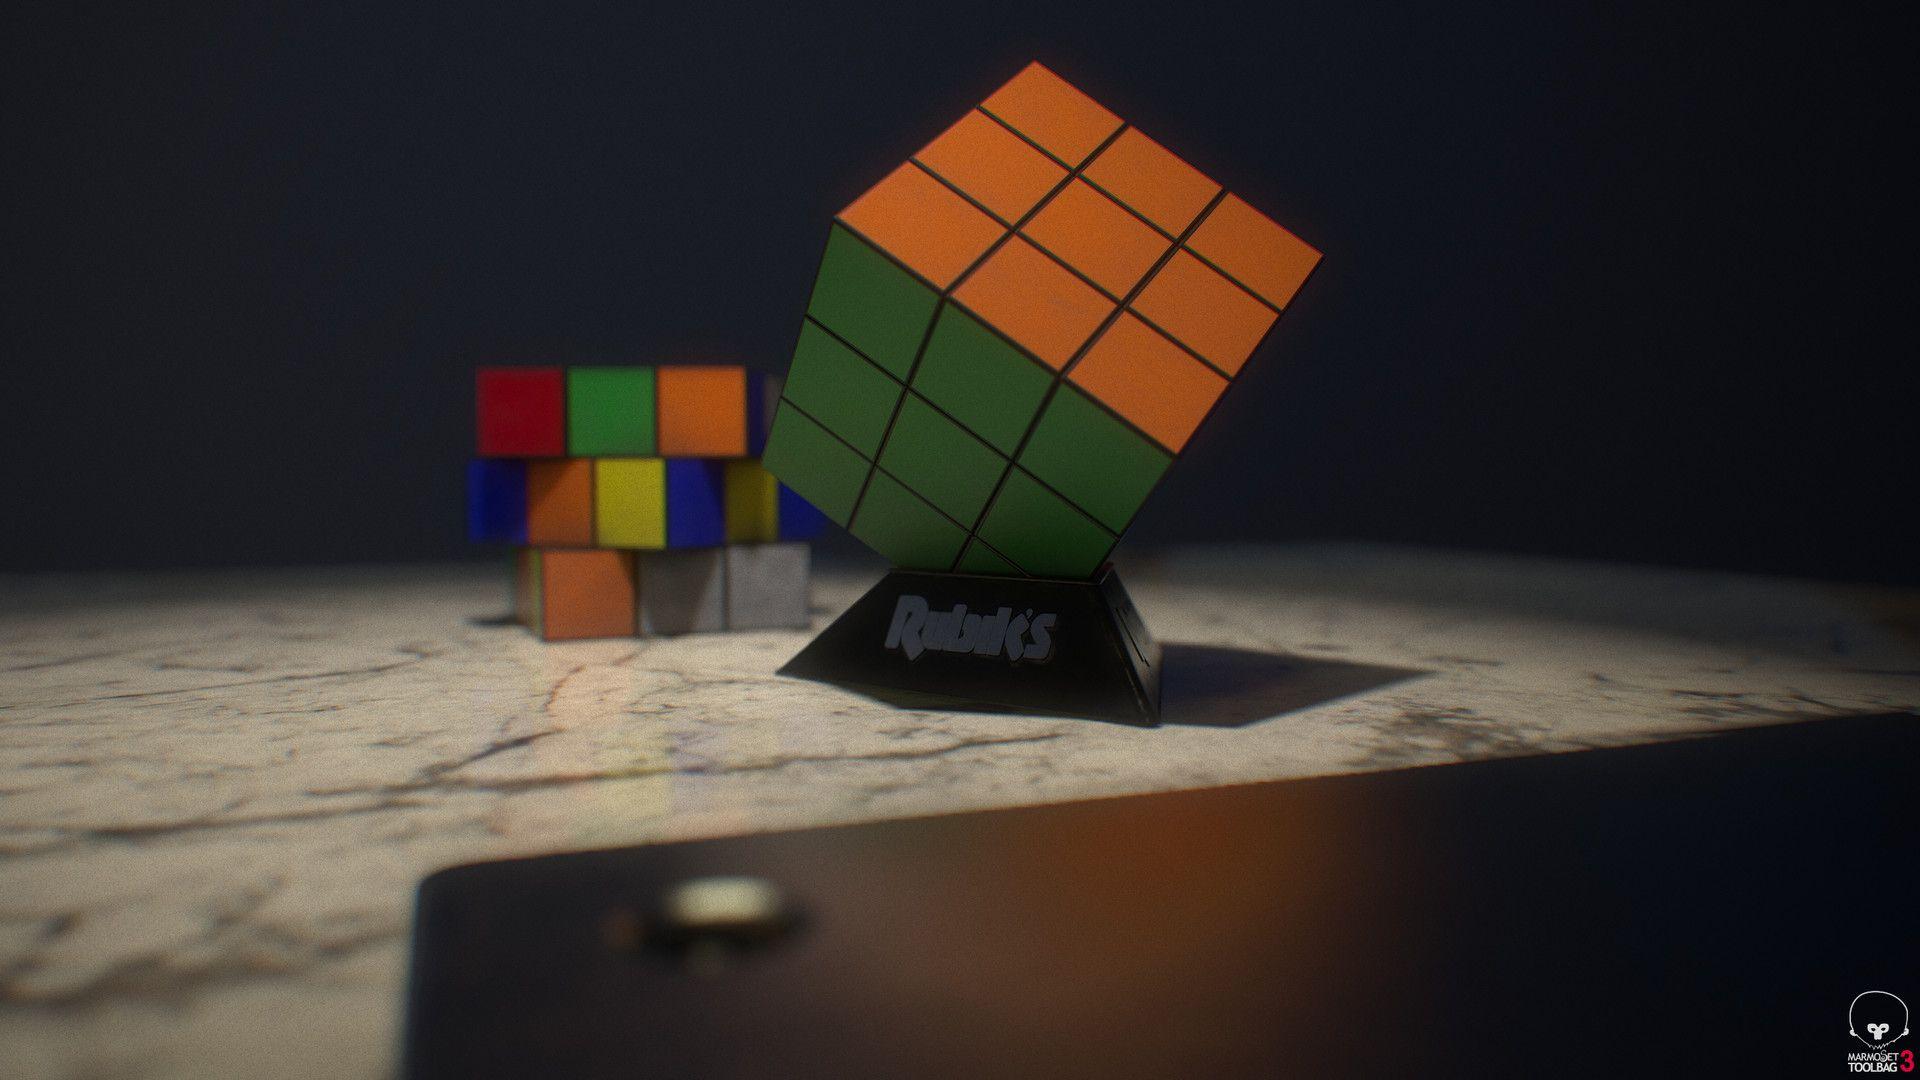 Rubiks Cube Background